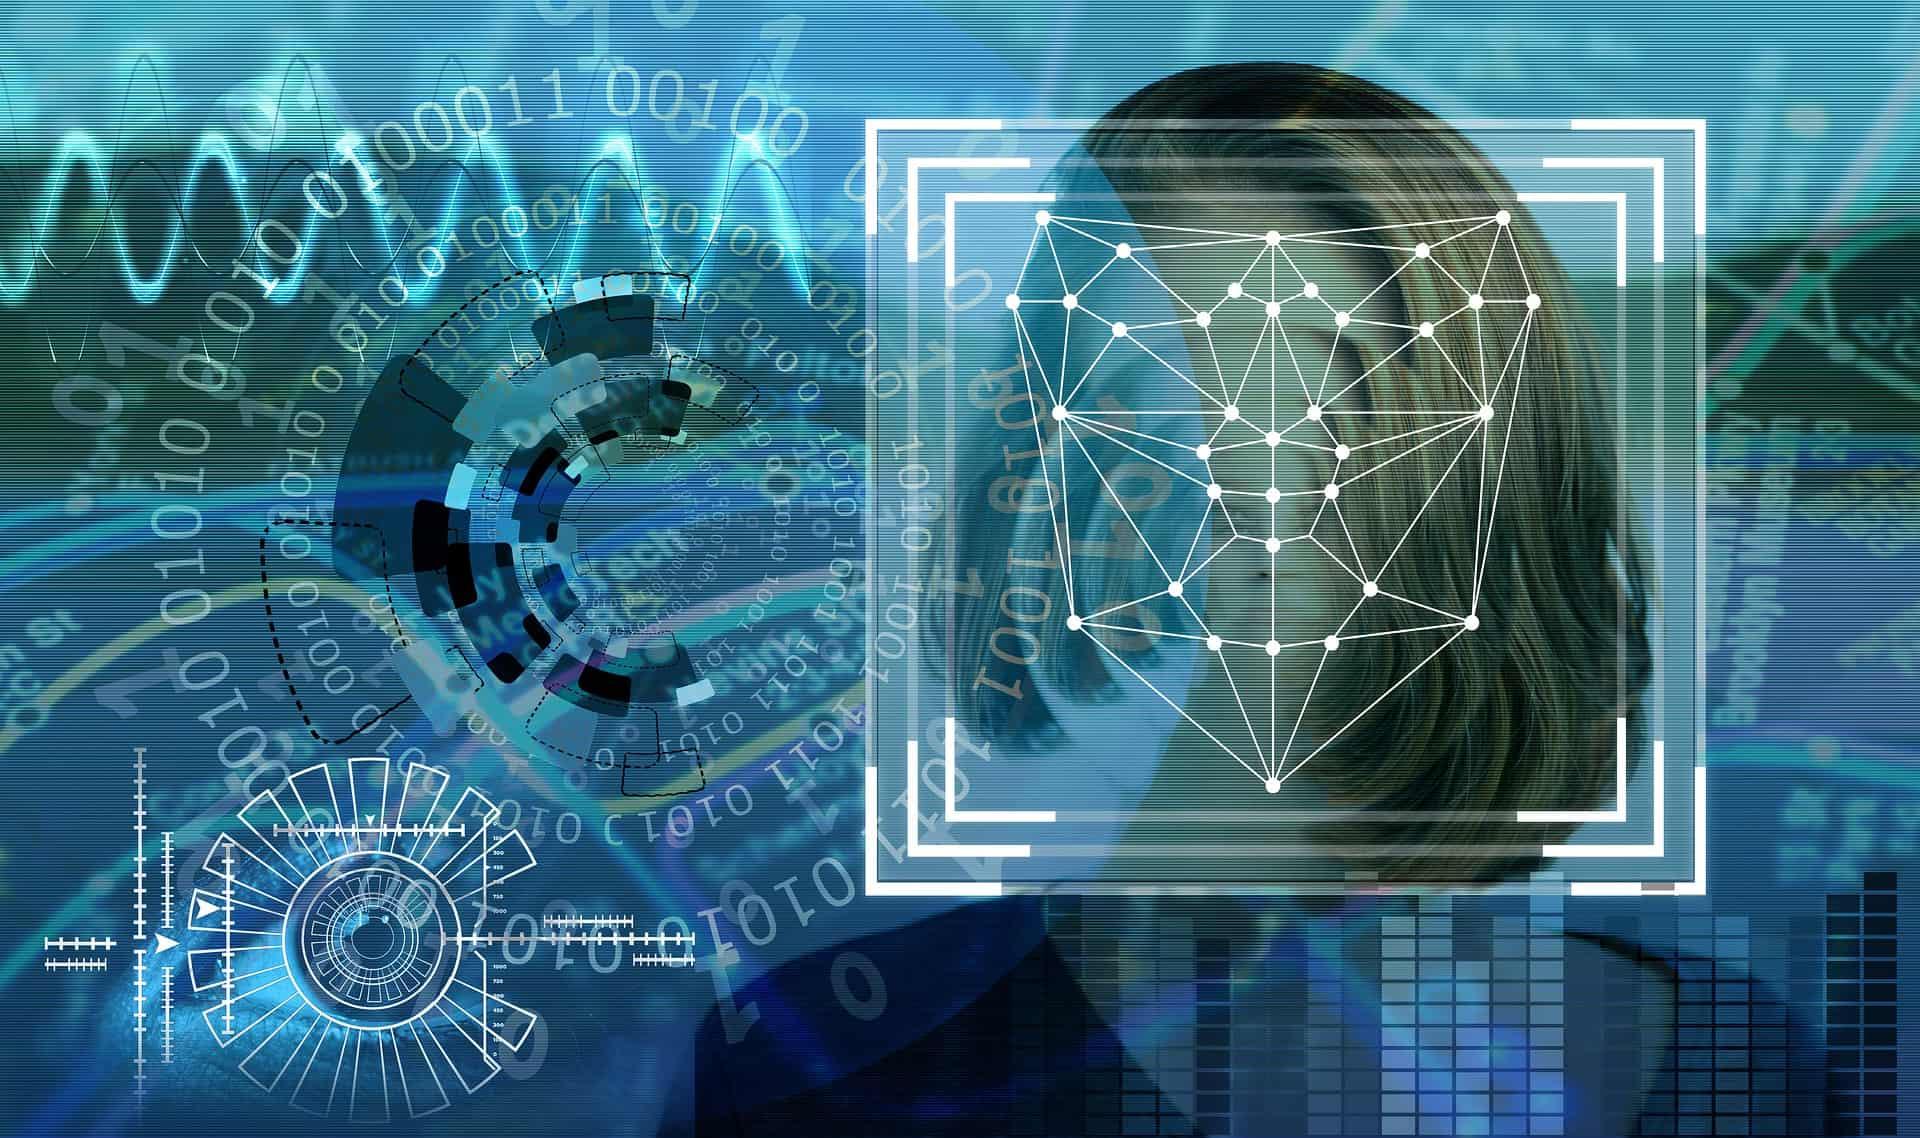 Folgen der fehlenden Datenverarbeitungssparsamkeit